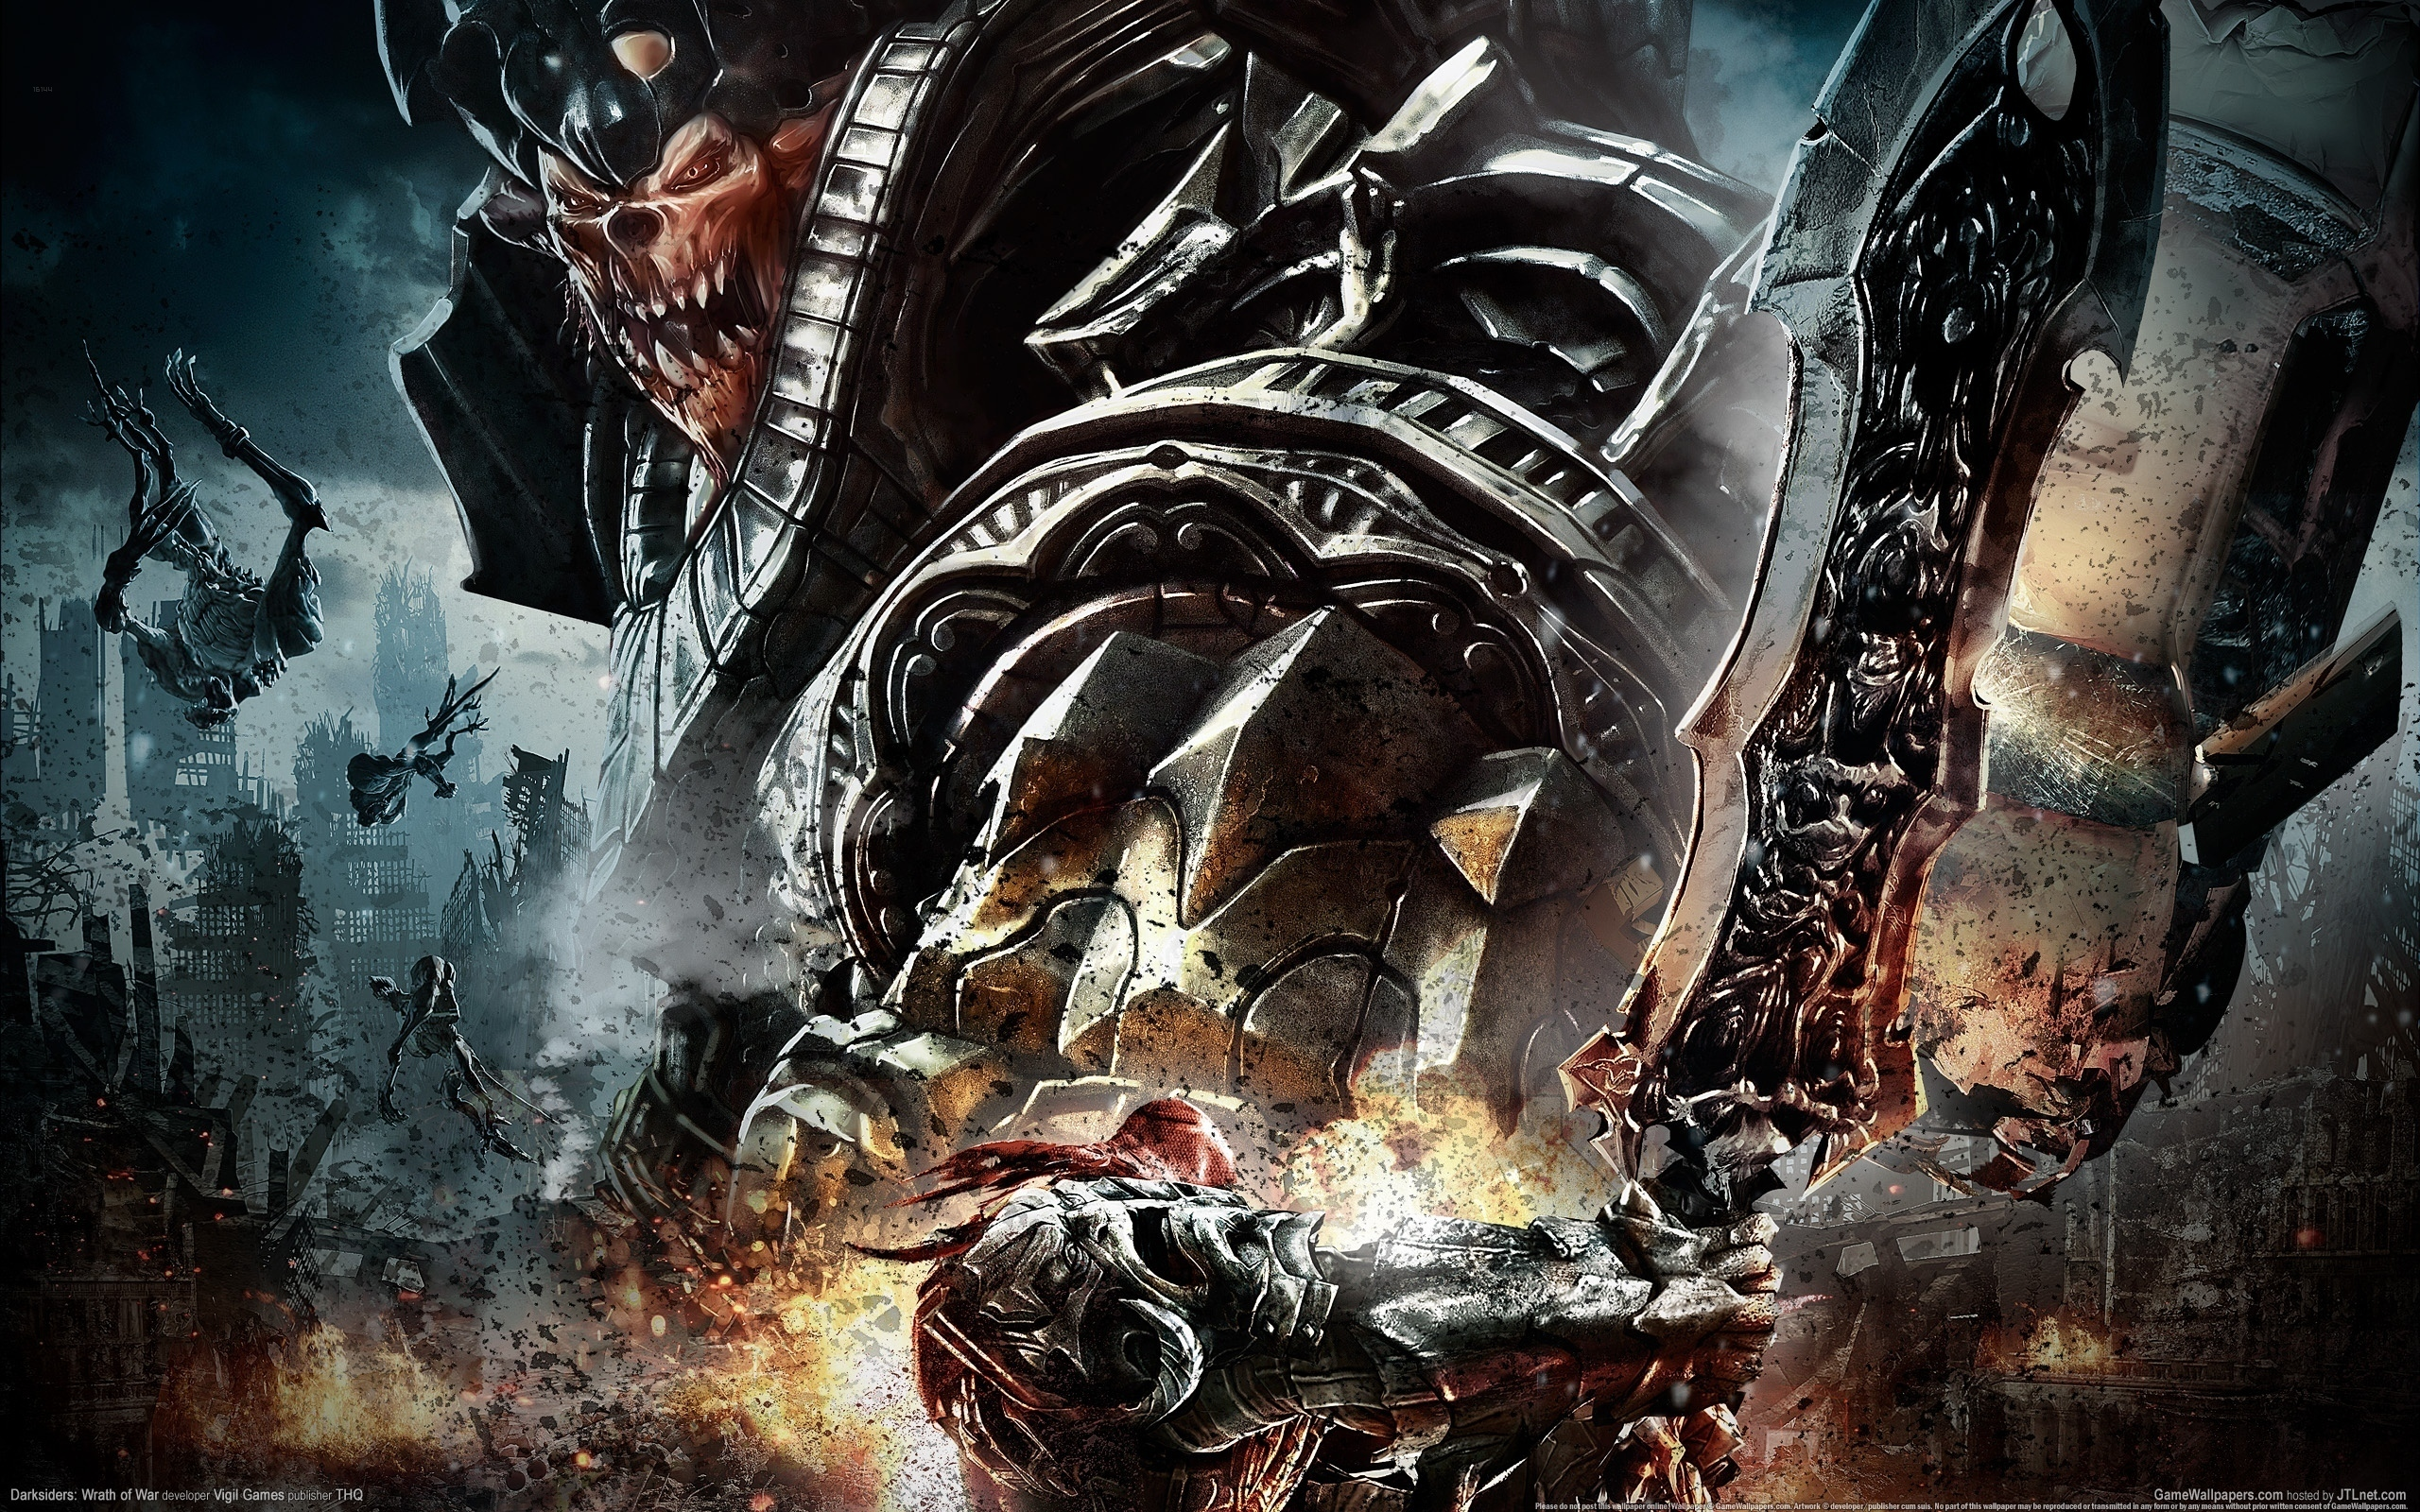 Darksiders Wrath War undead sci fi reaper mecha dark fantasy wallpaper 2560x1600